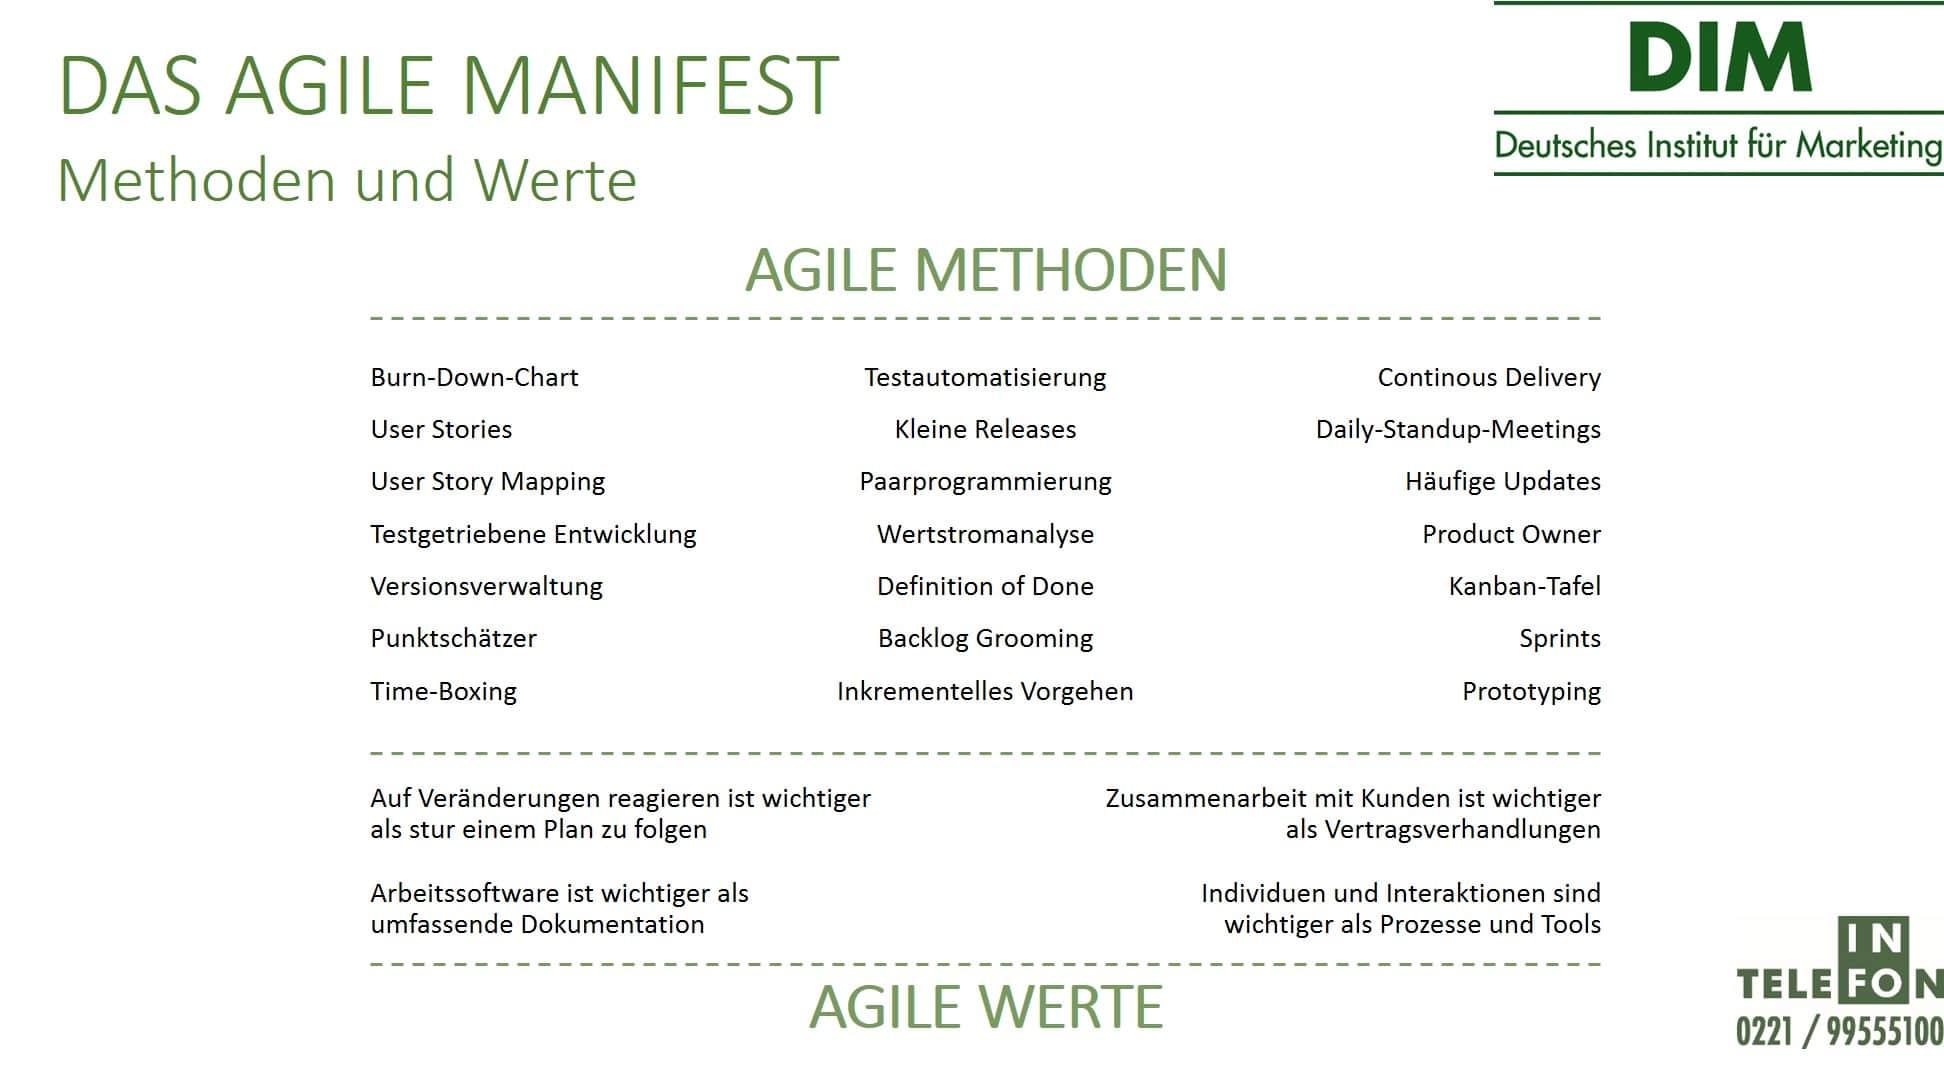 Agiles Manifest Methoden und Werte